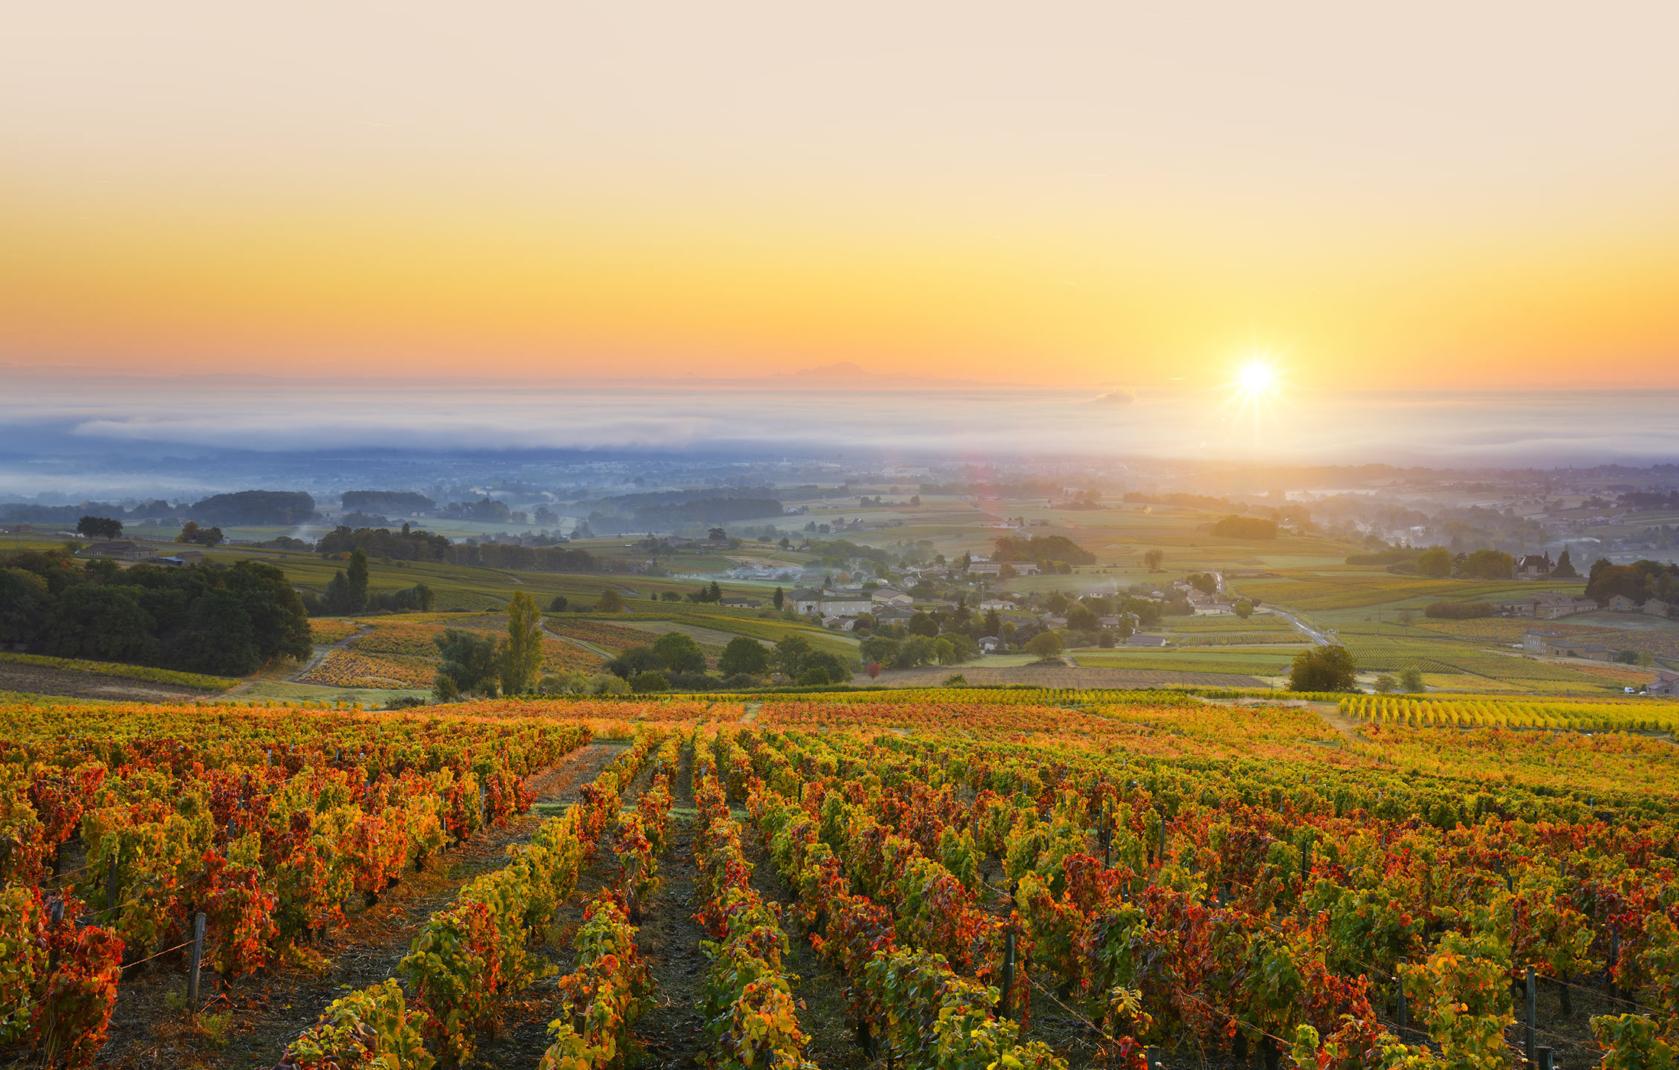 Ẩm thực mùa thu nước Pháp